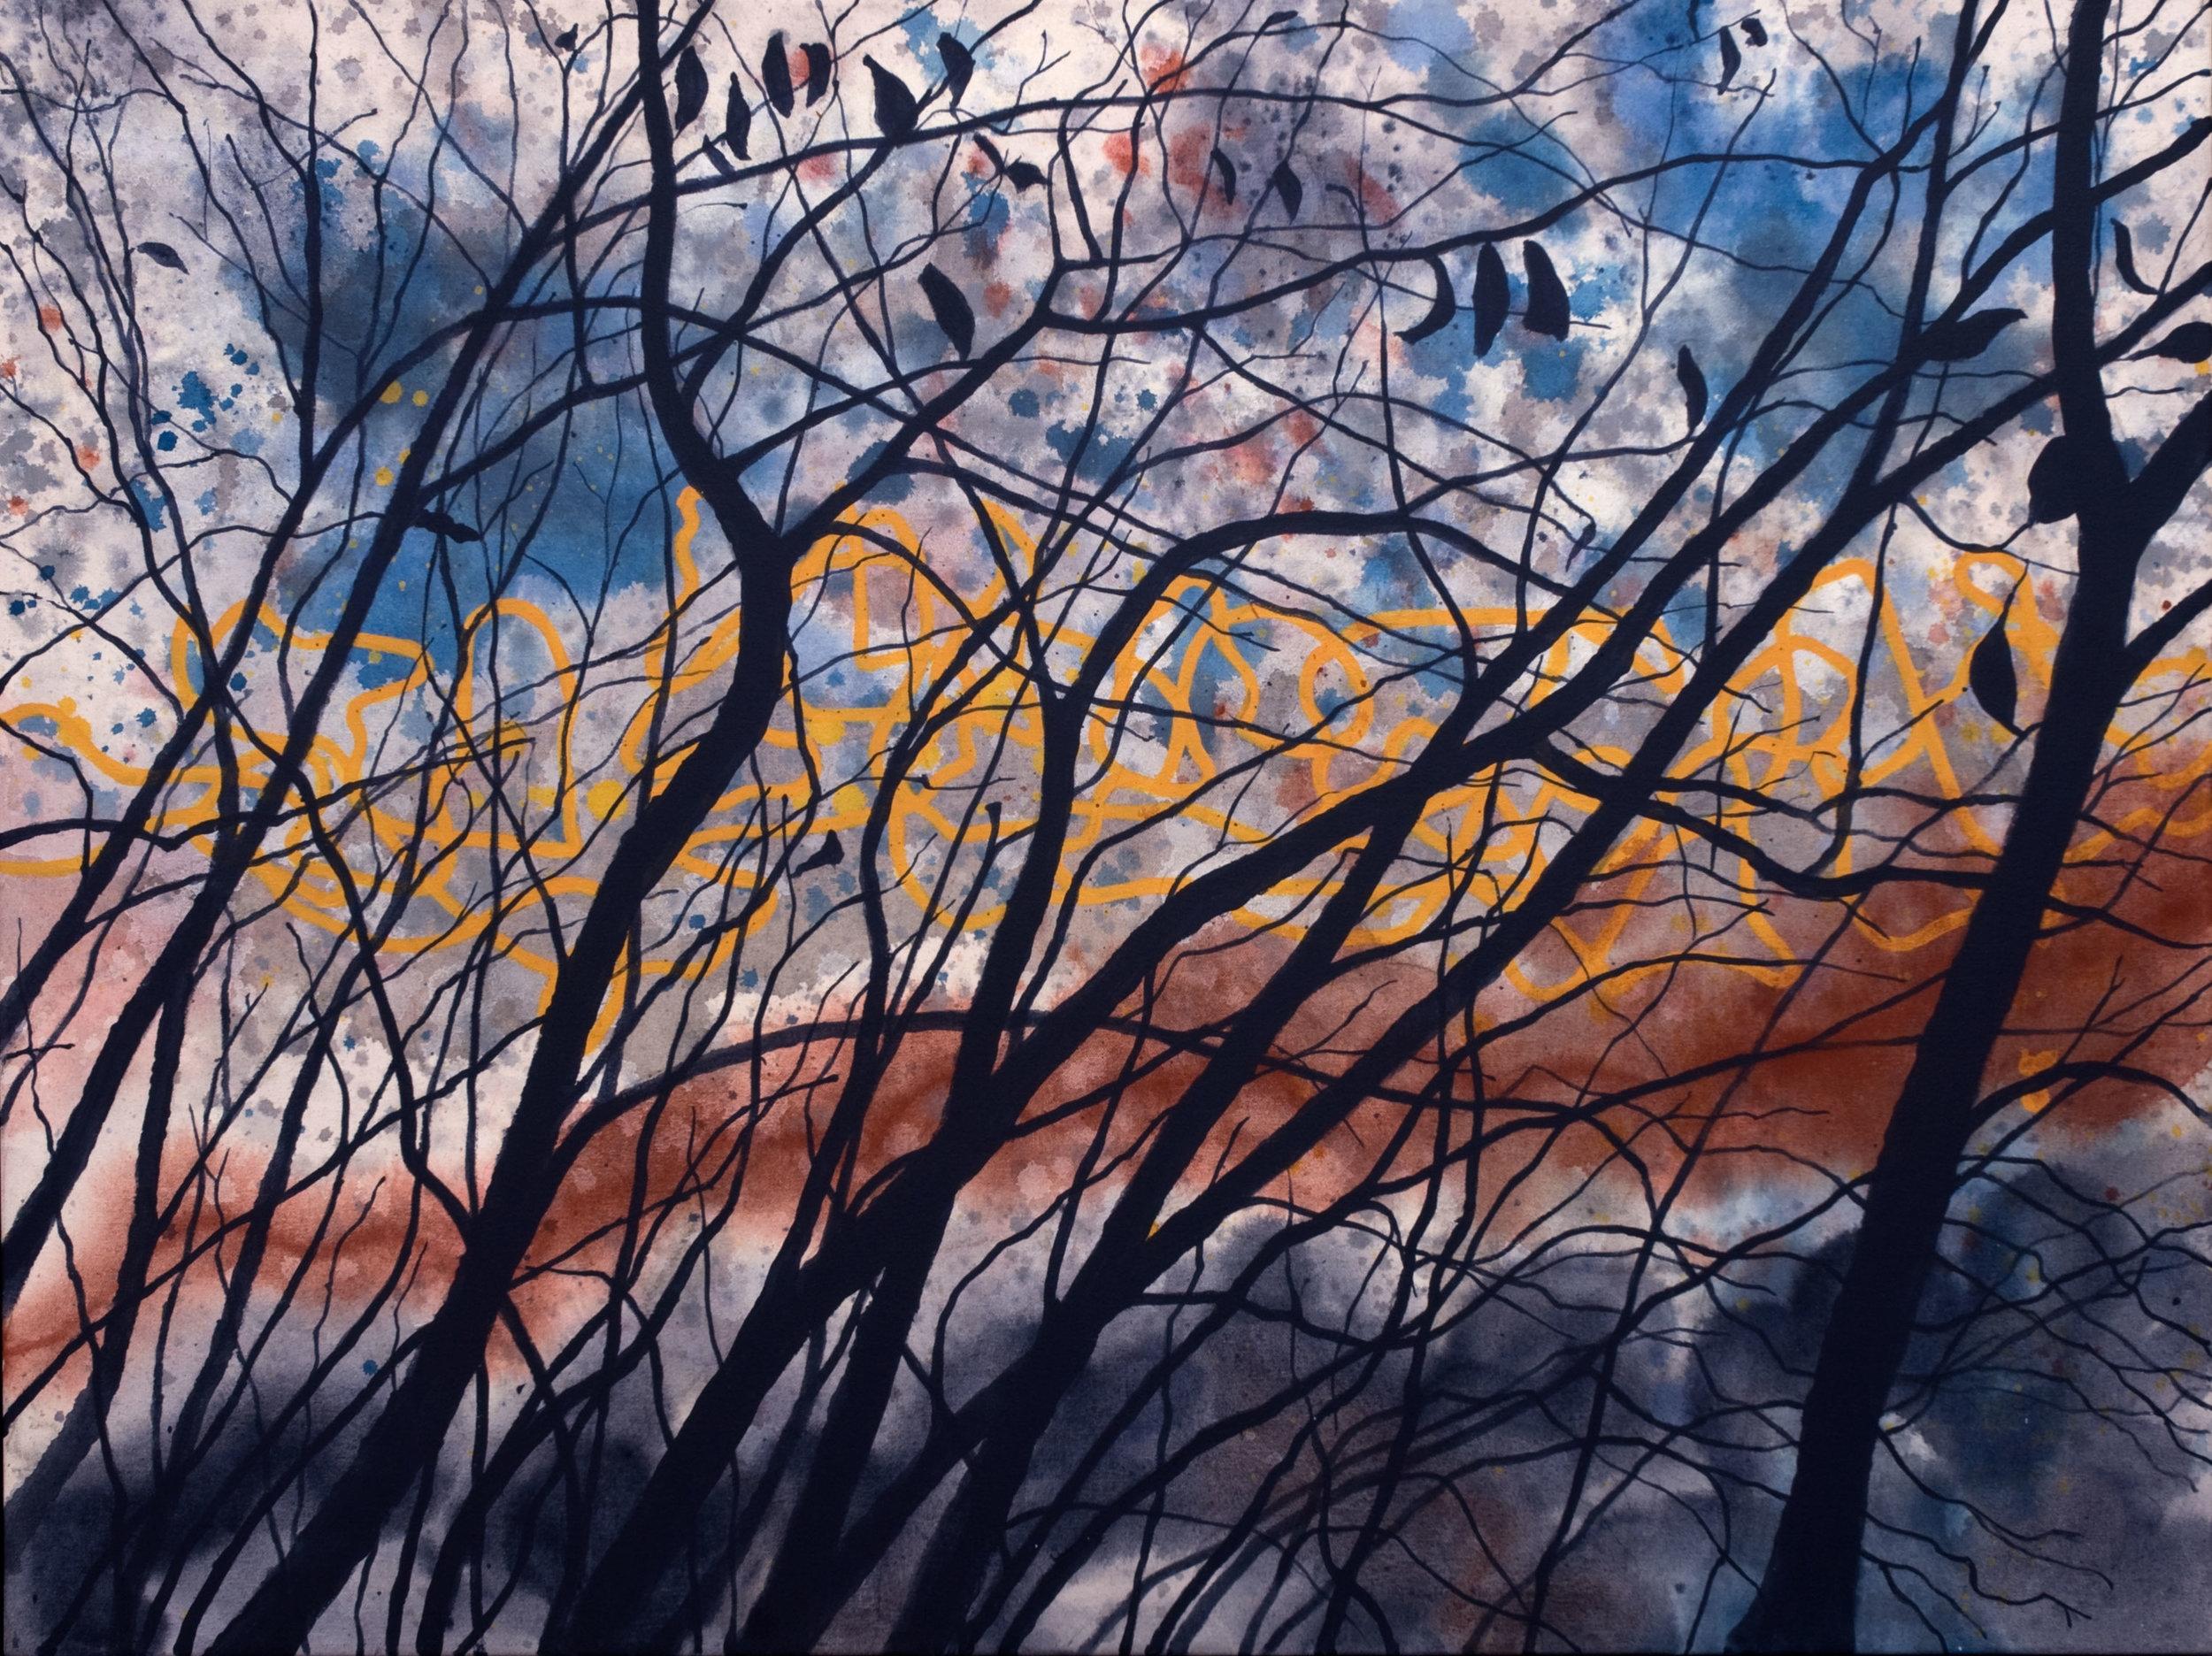 Errance no2  acrylique sur toile 76 x 101 cm